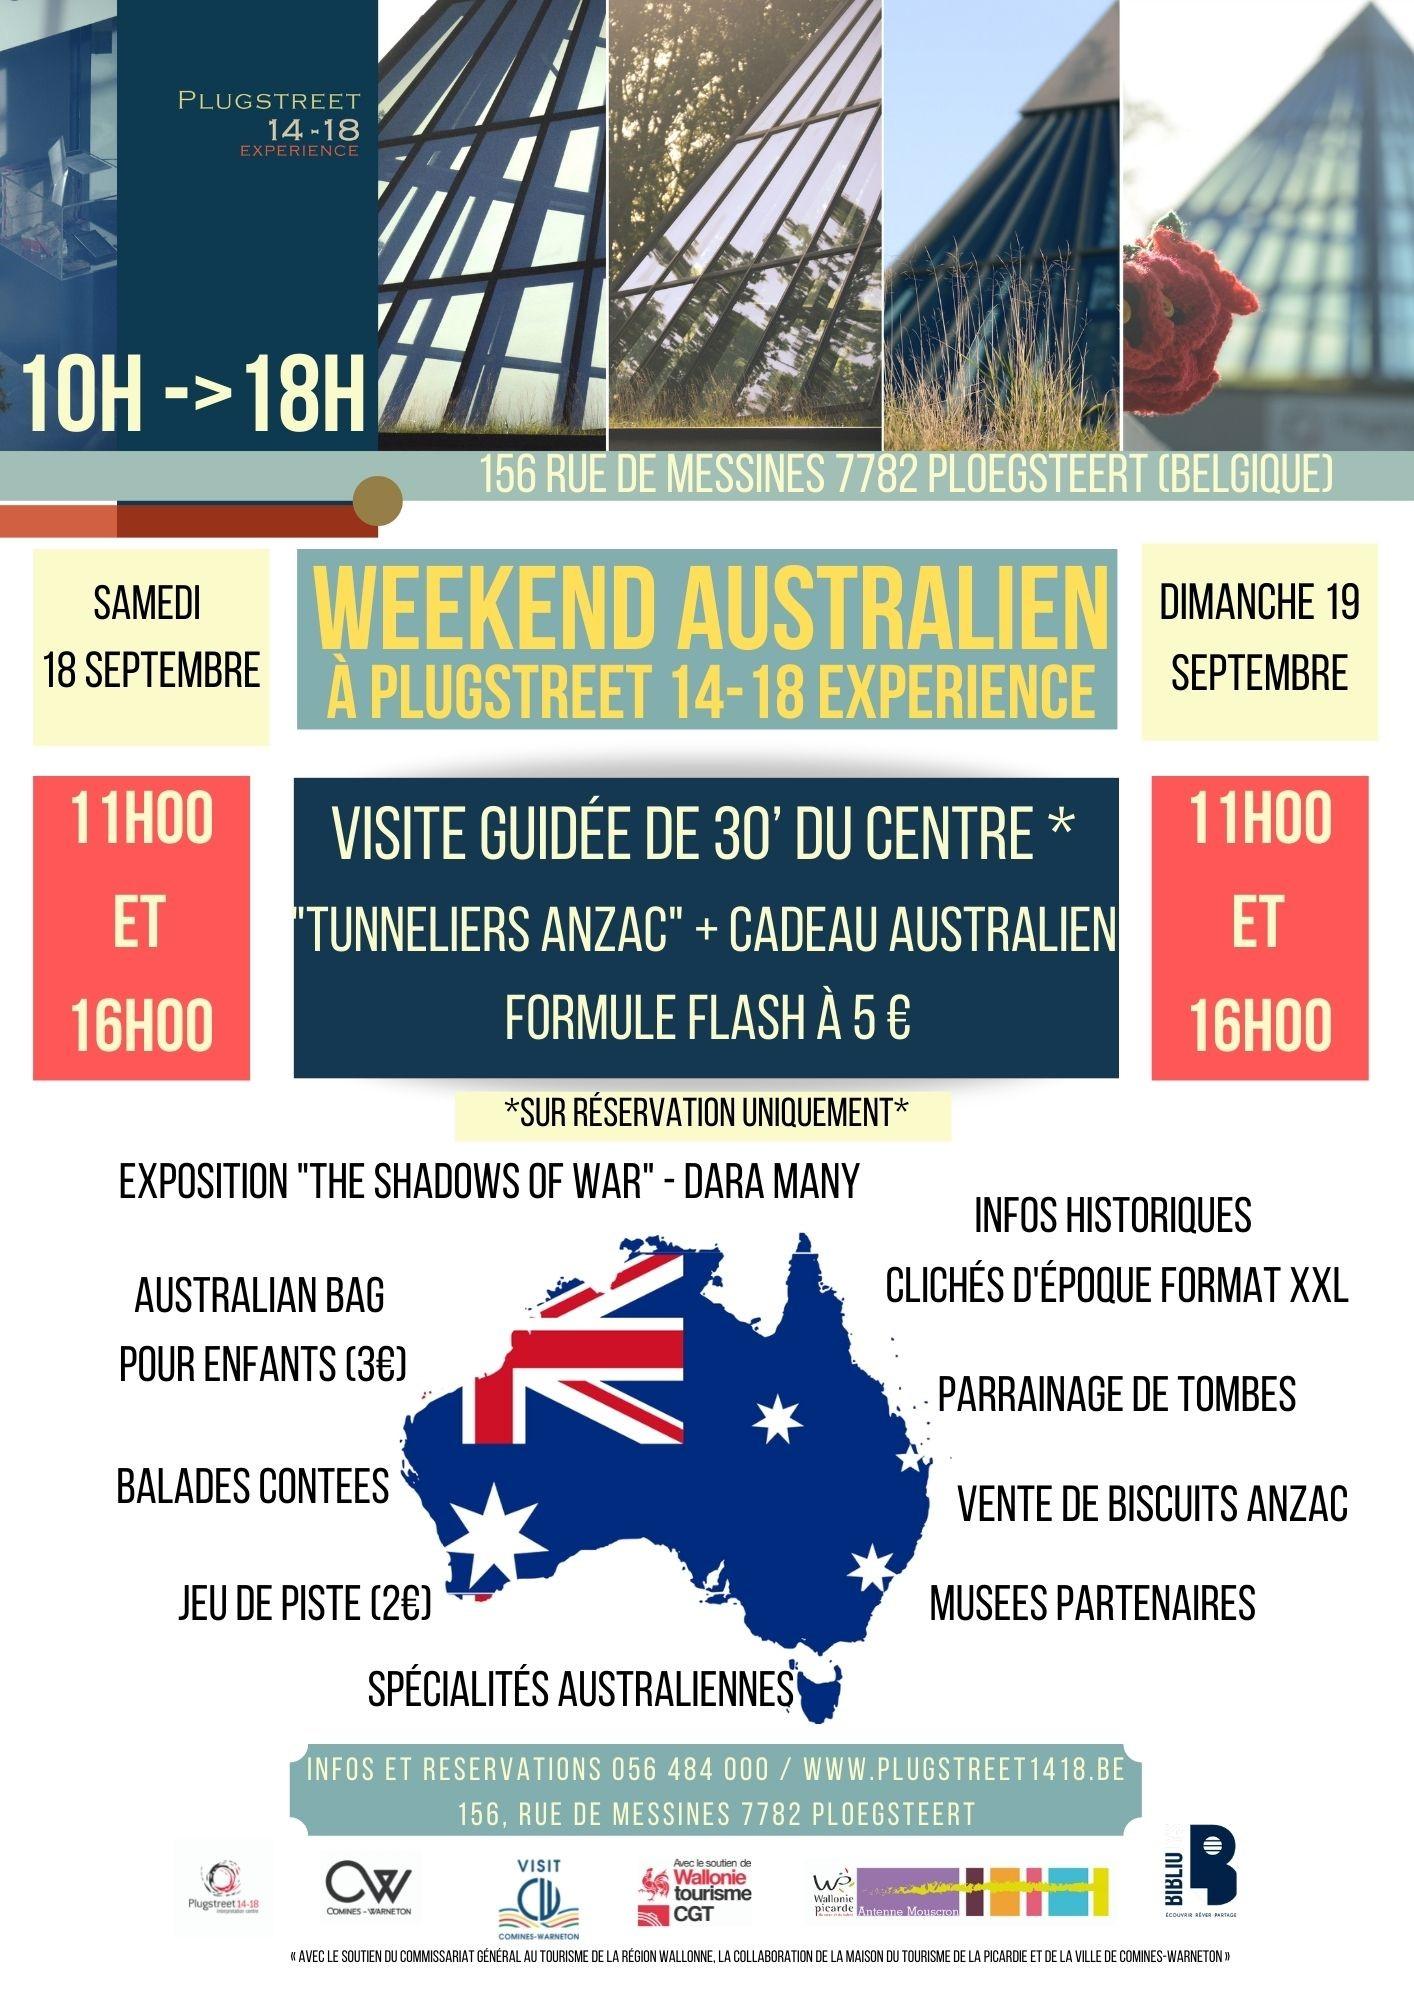 Weekend australien impression (1)